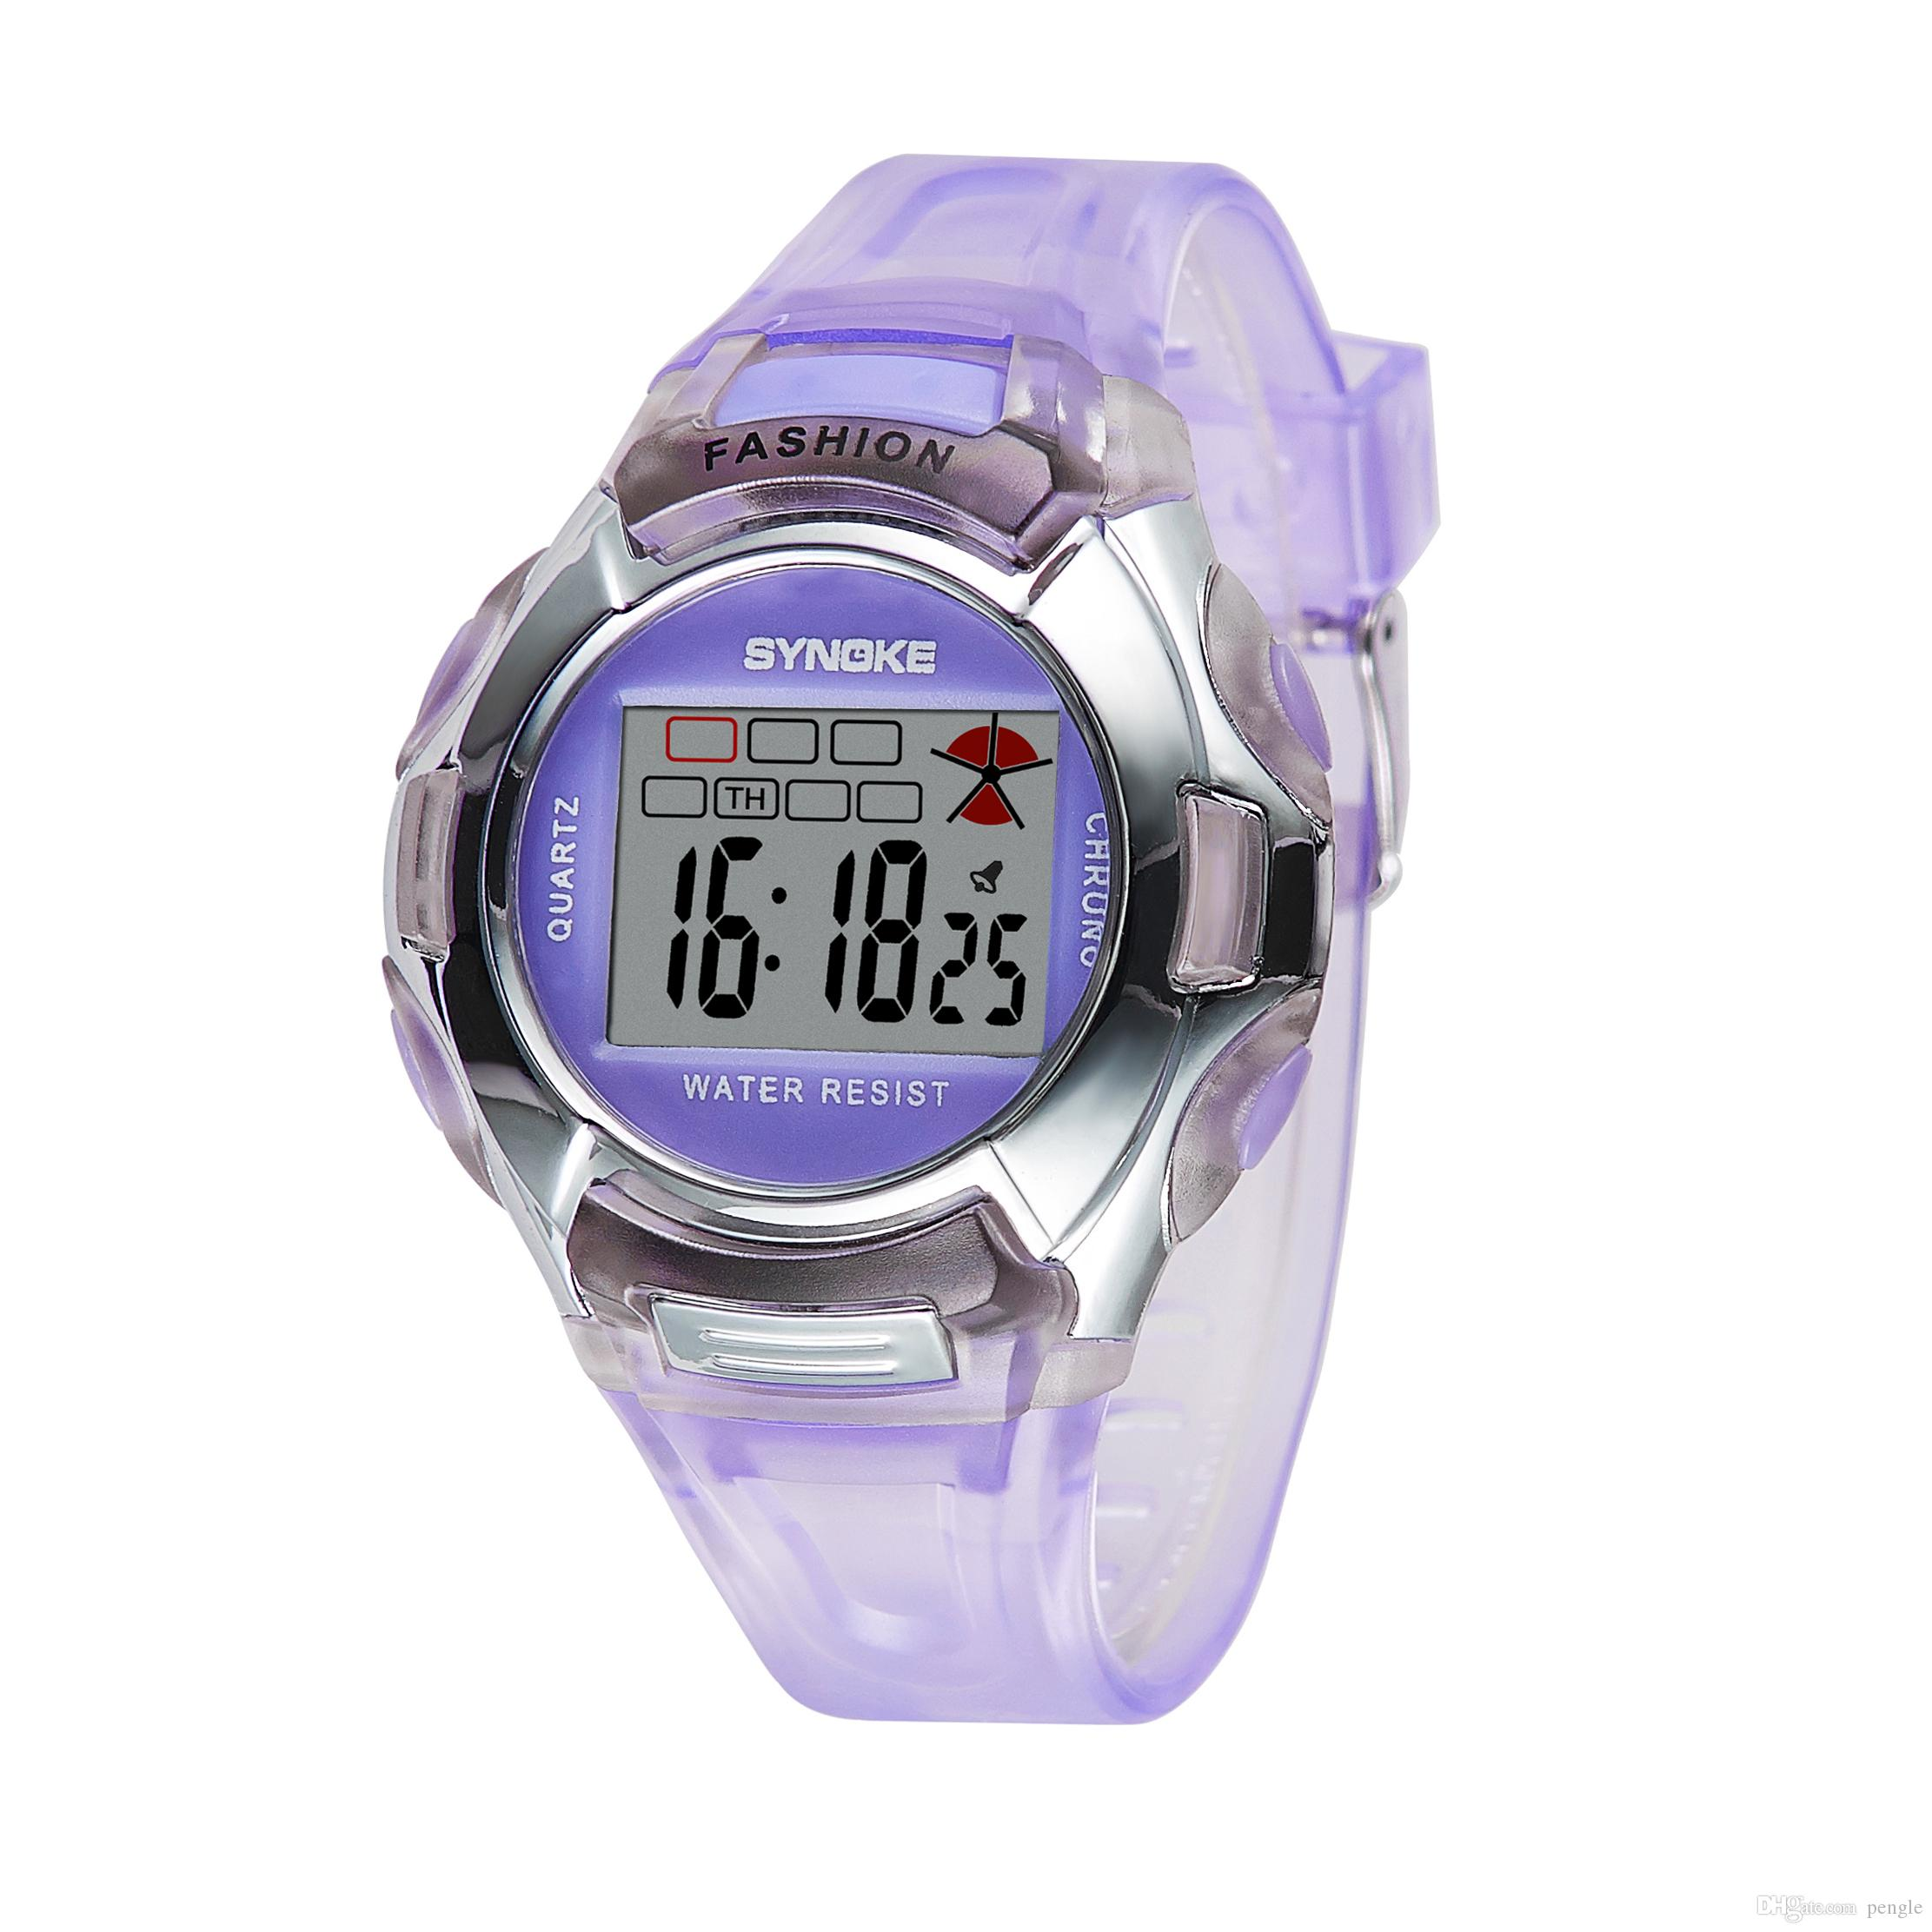 Vendita calda casual digitale sport bambini orologi elettronici PU cinturino in plastica impermeabile orologio da polso per bambini regali di natale 99329